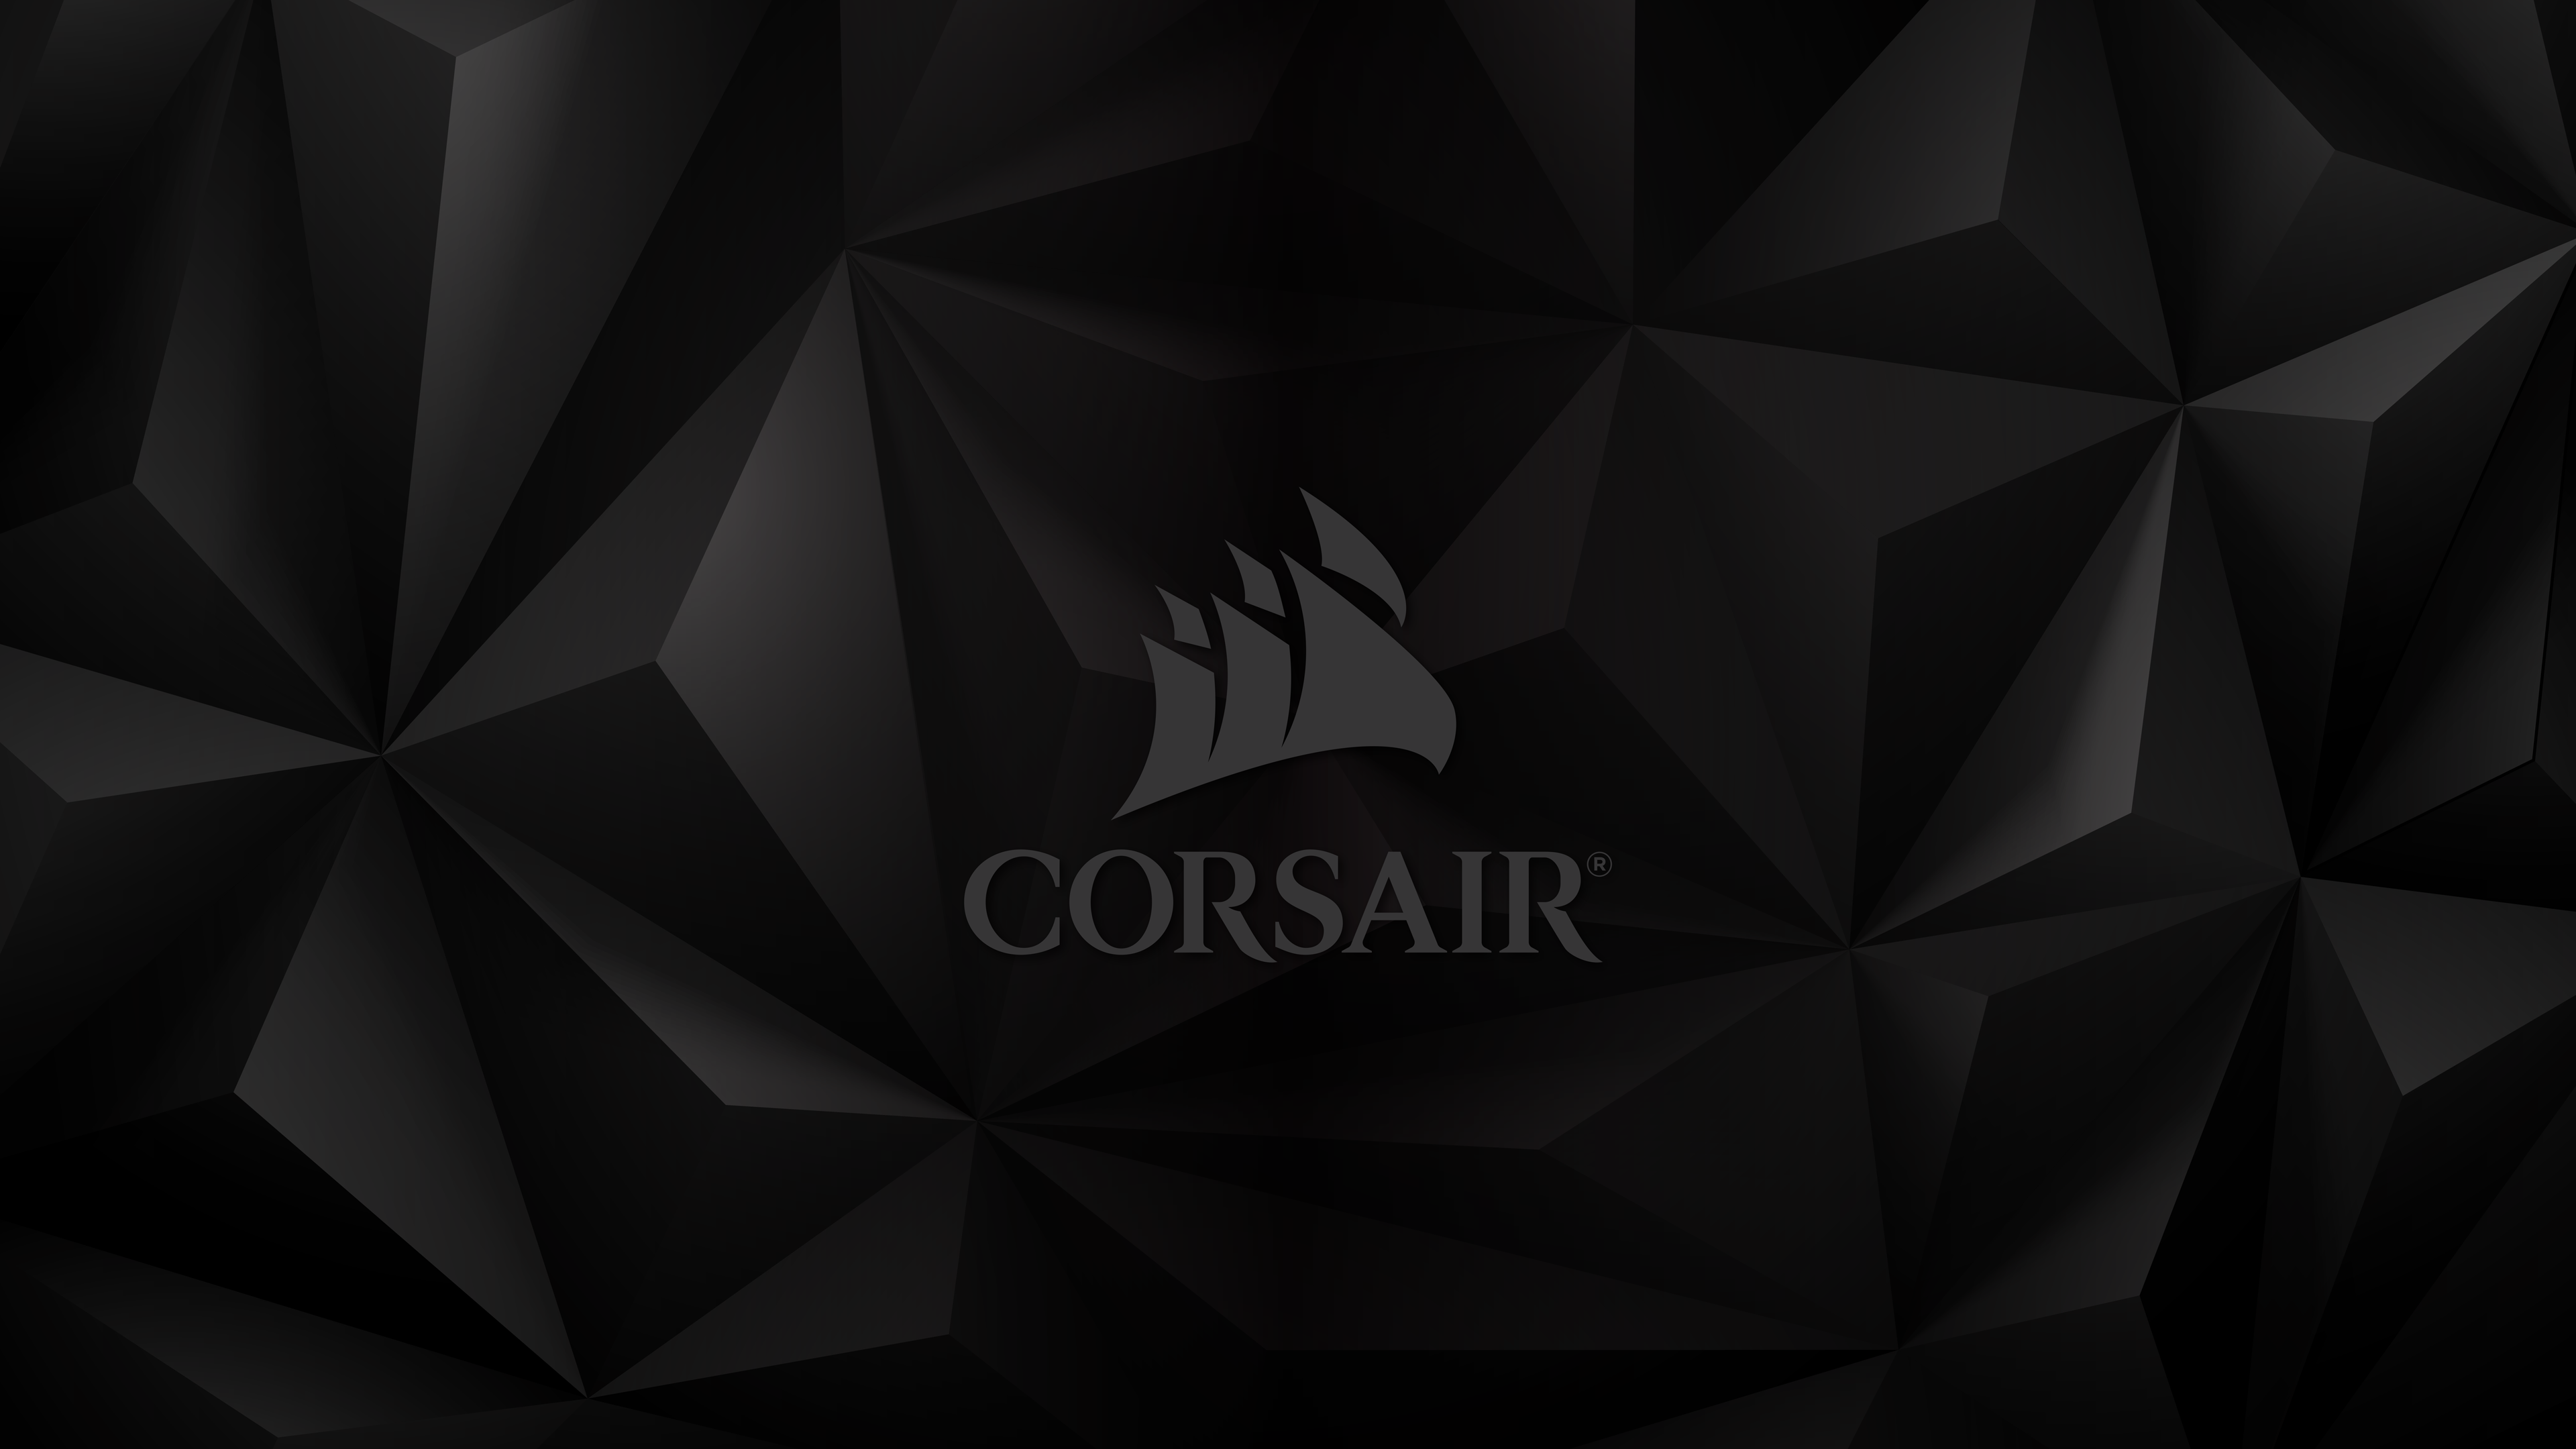 15 Corsair White Png Logo Logos Png Icon